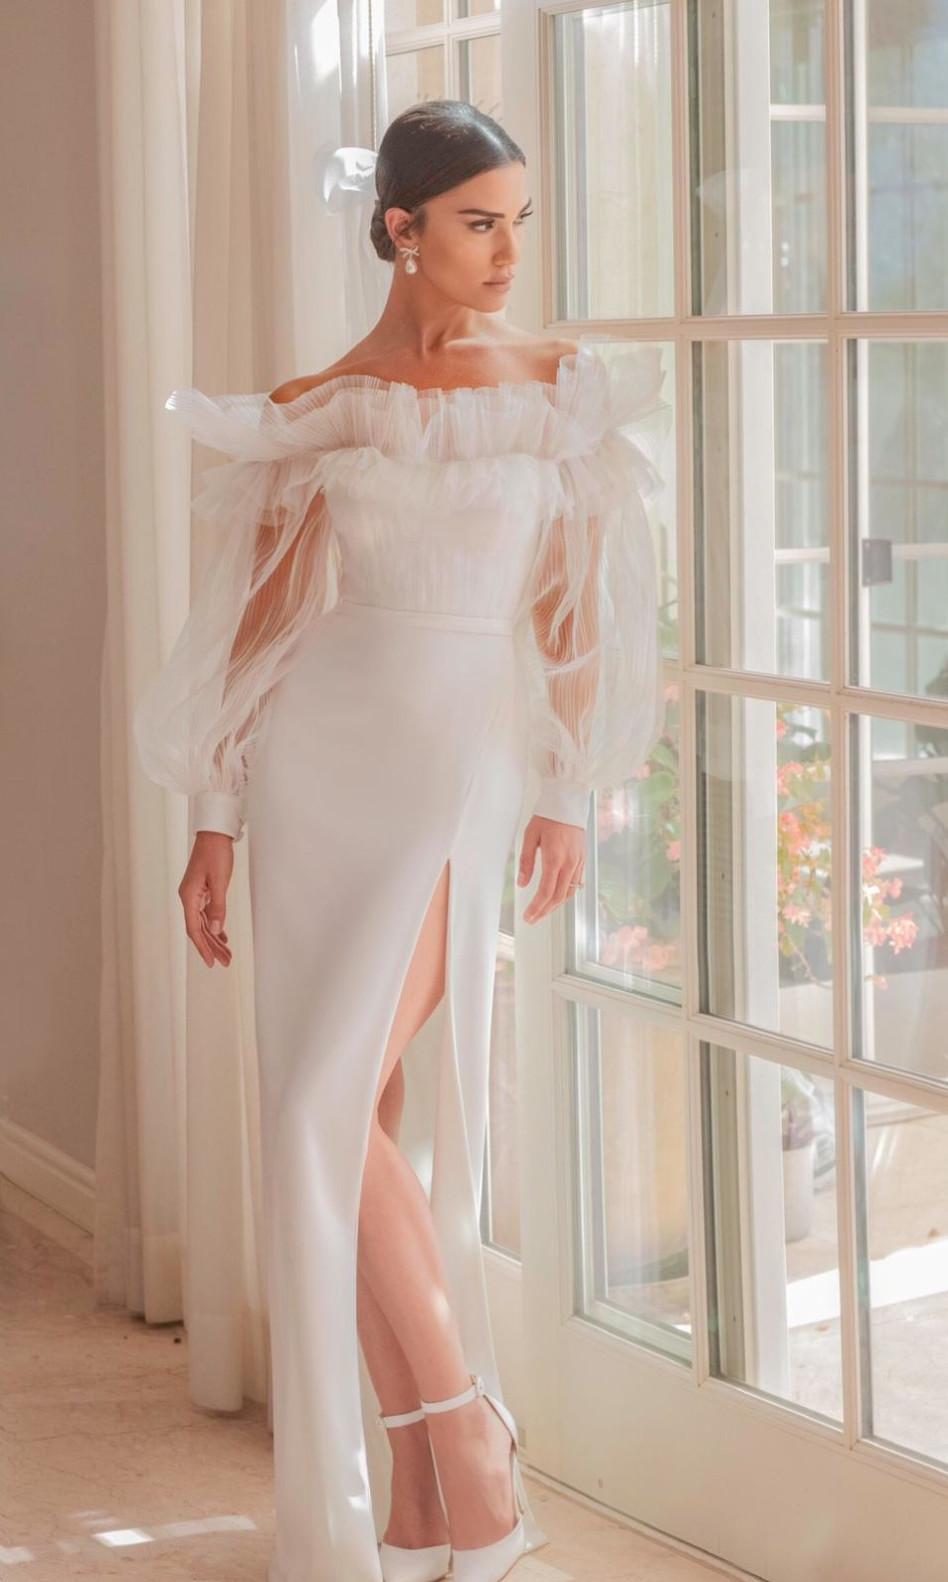 שיר אלמליח ביום חתונתה (צילום: עידן חסון)